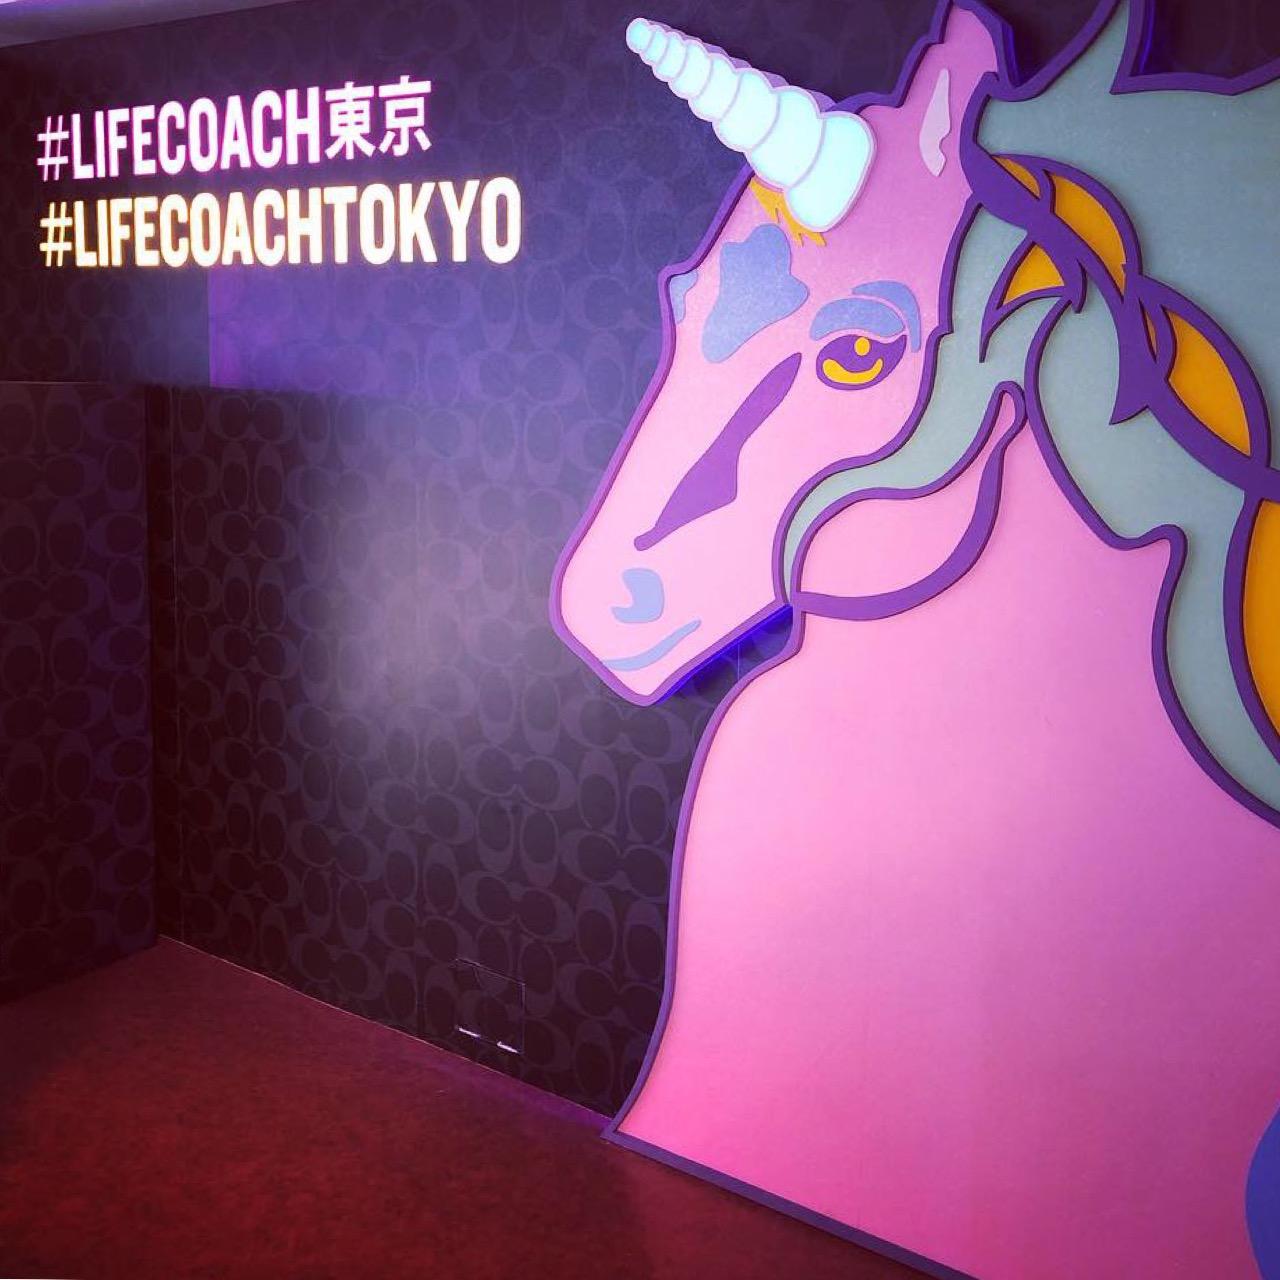 《#LIFECOACH東京》 3/16〜3/23まで開催中!COACH主催のインタラクティブな体験型イベントにいってきました♡ _1